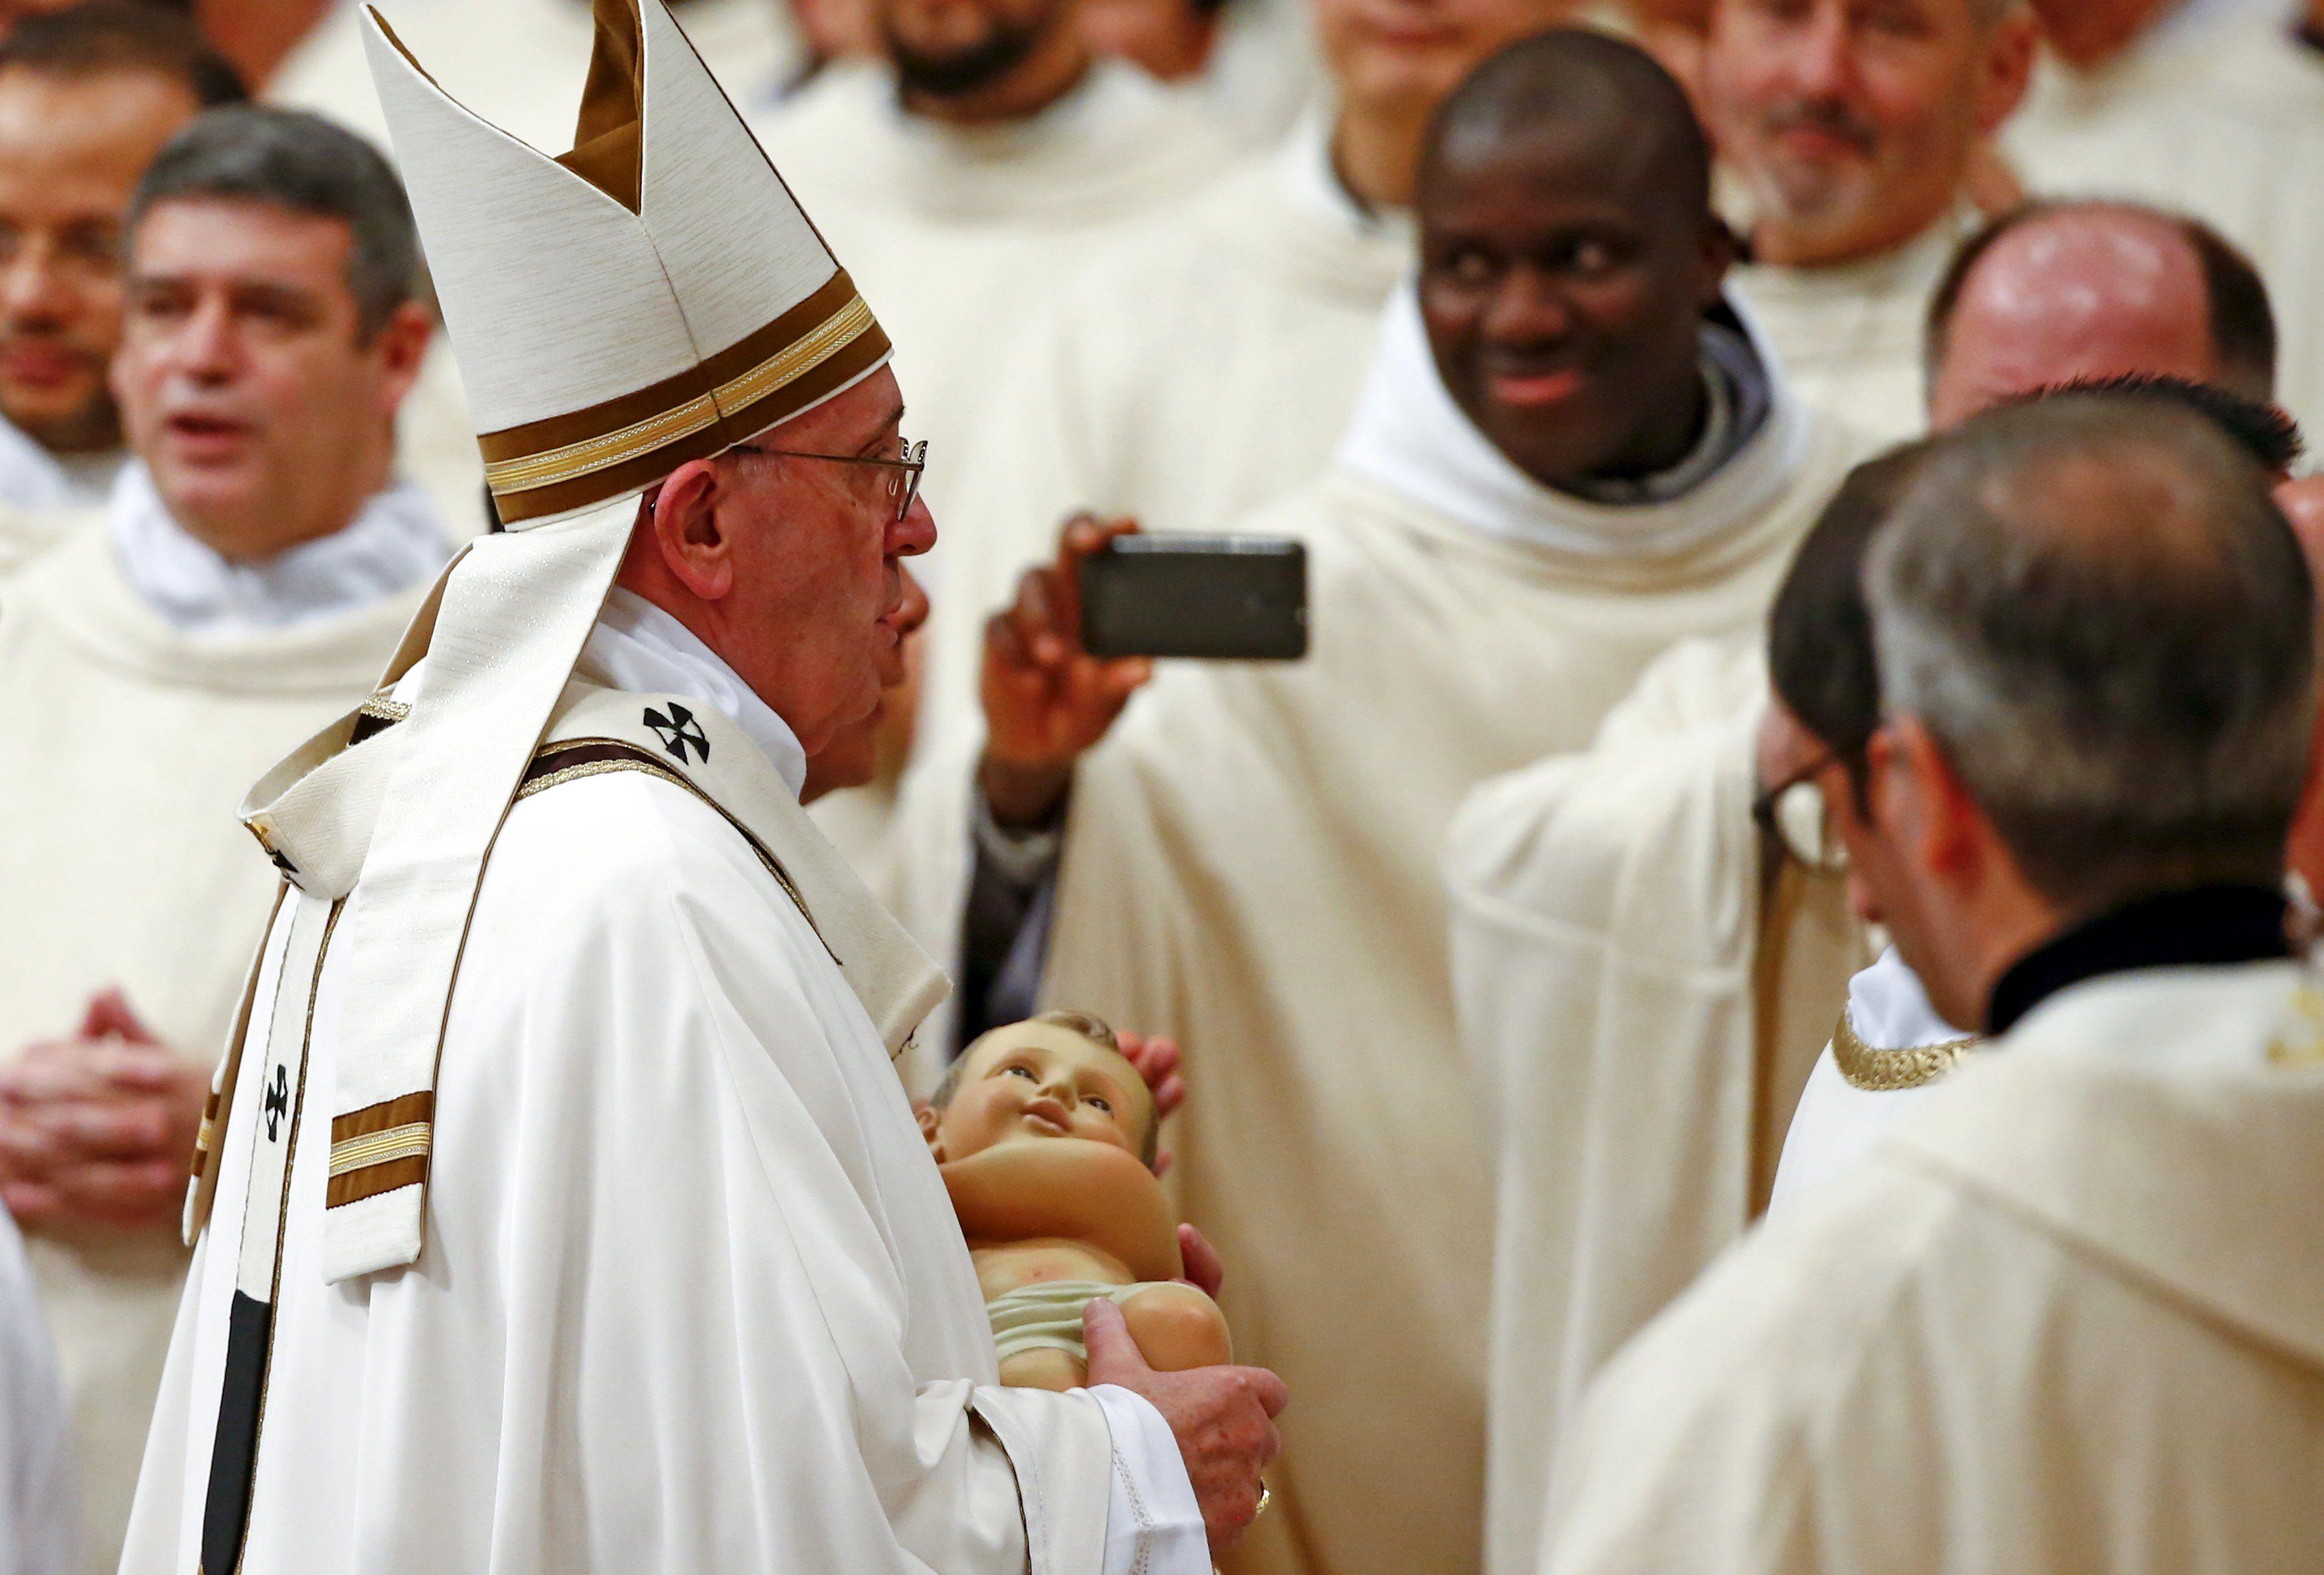 рождественские поздравления папы римского стеновые панели